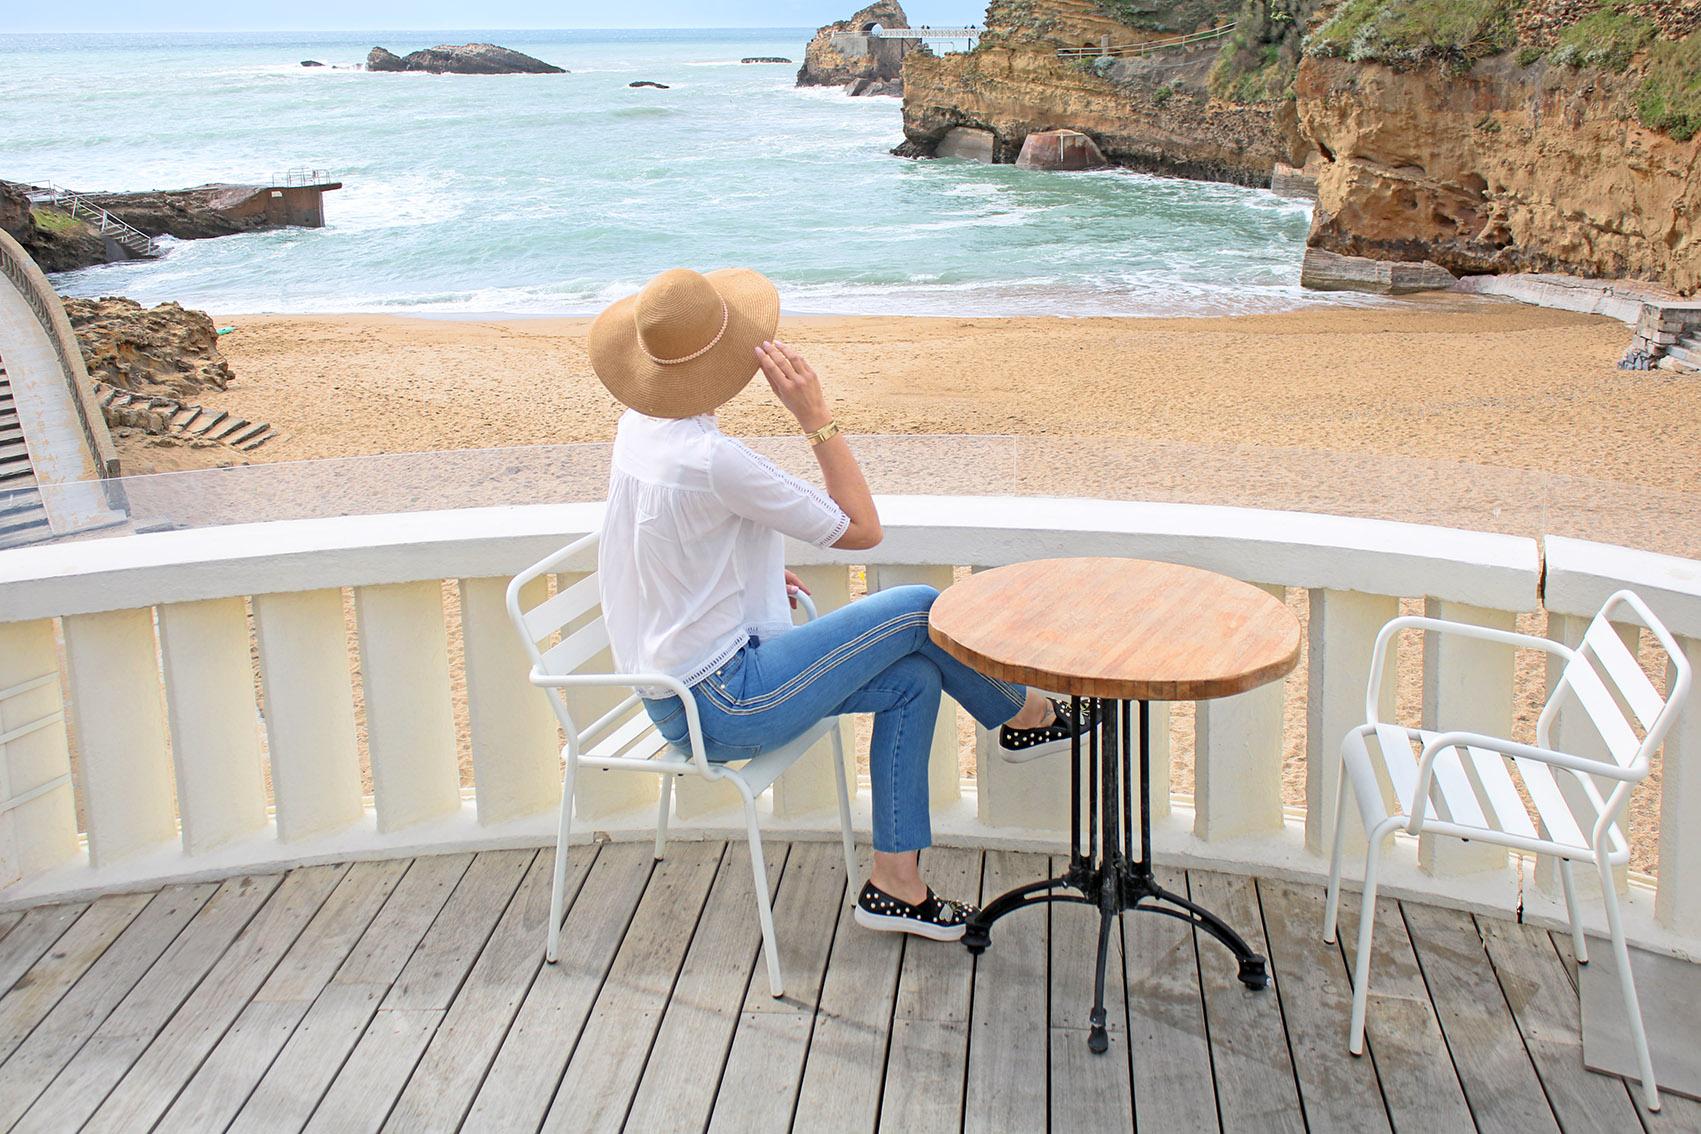 les-baigneuses-plage-port-vieux-biarritz